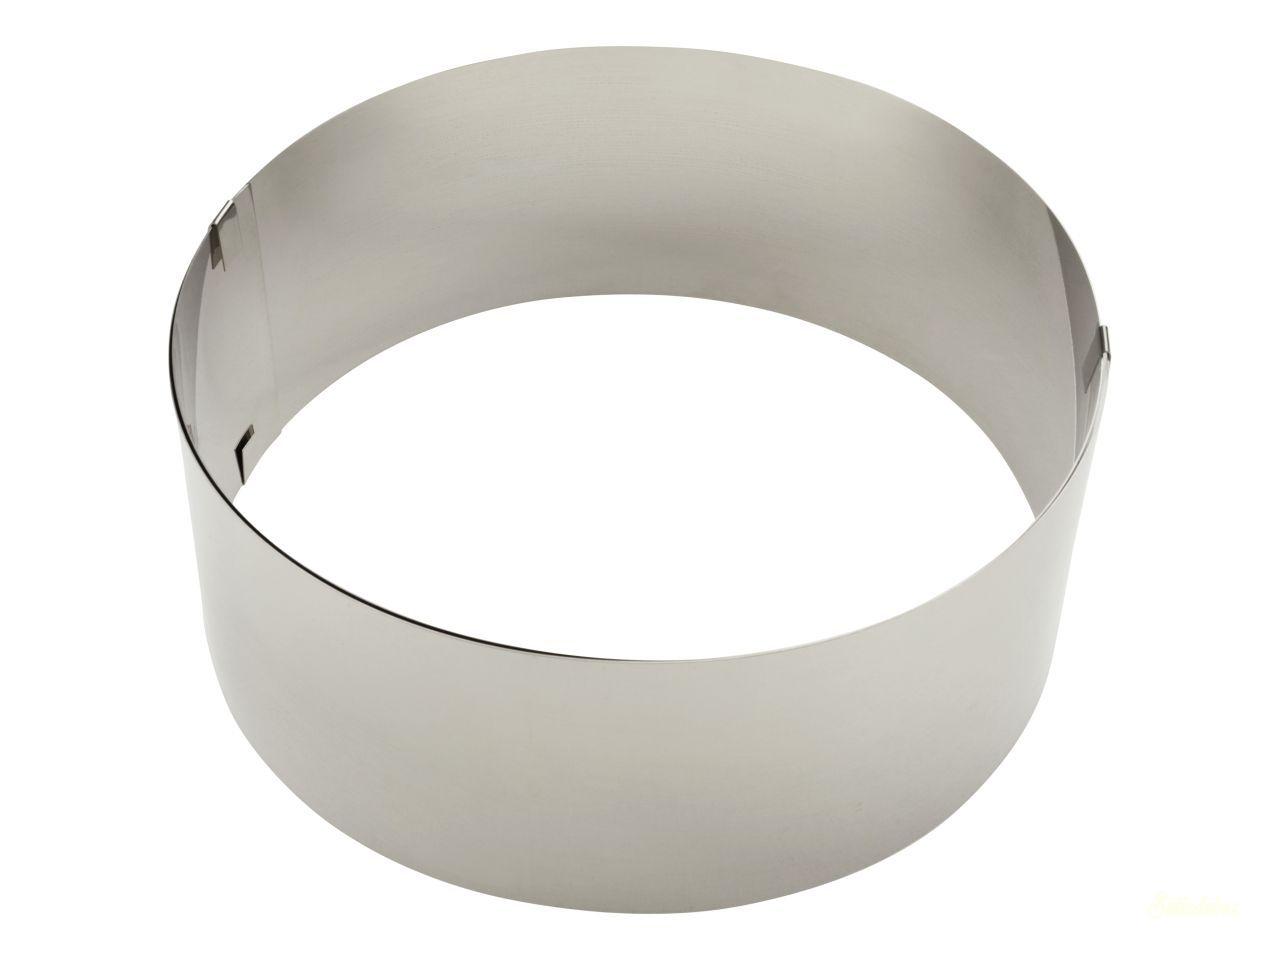 Rozsdamentes acél állítható tortakarika 8cm magas kerek